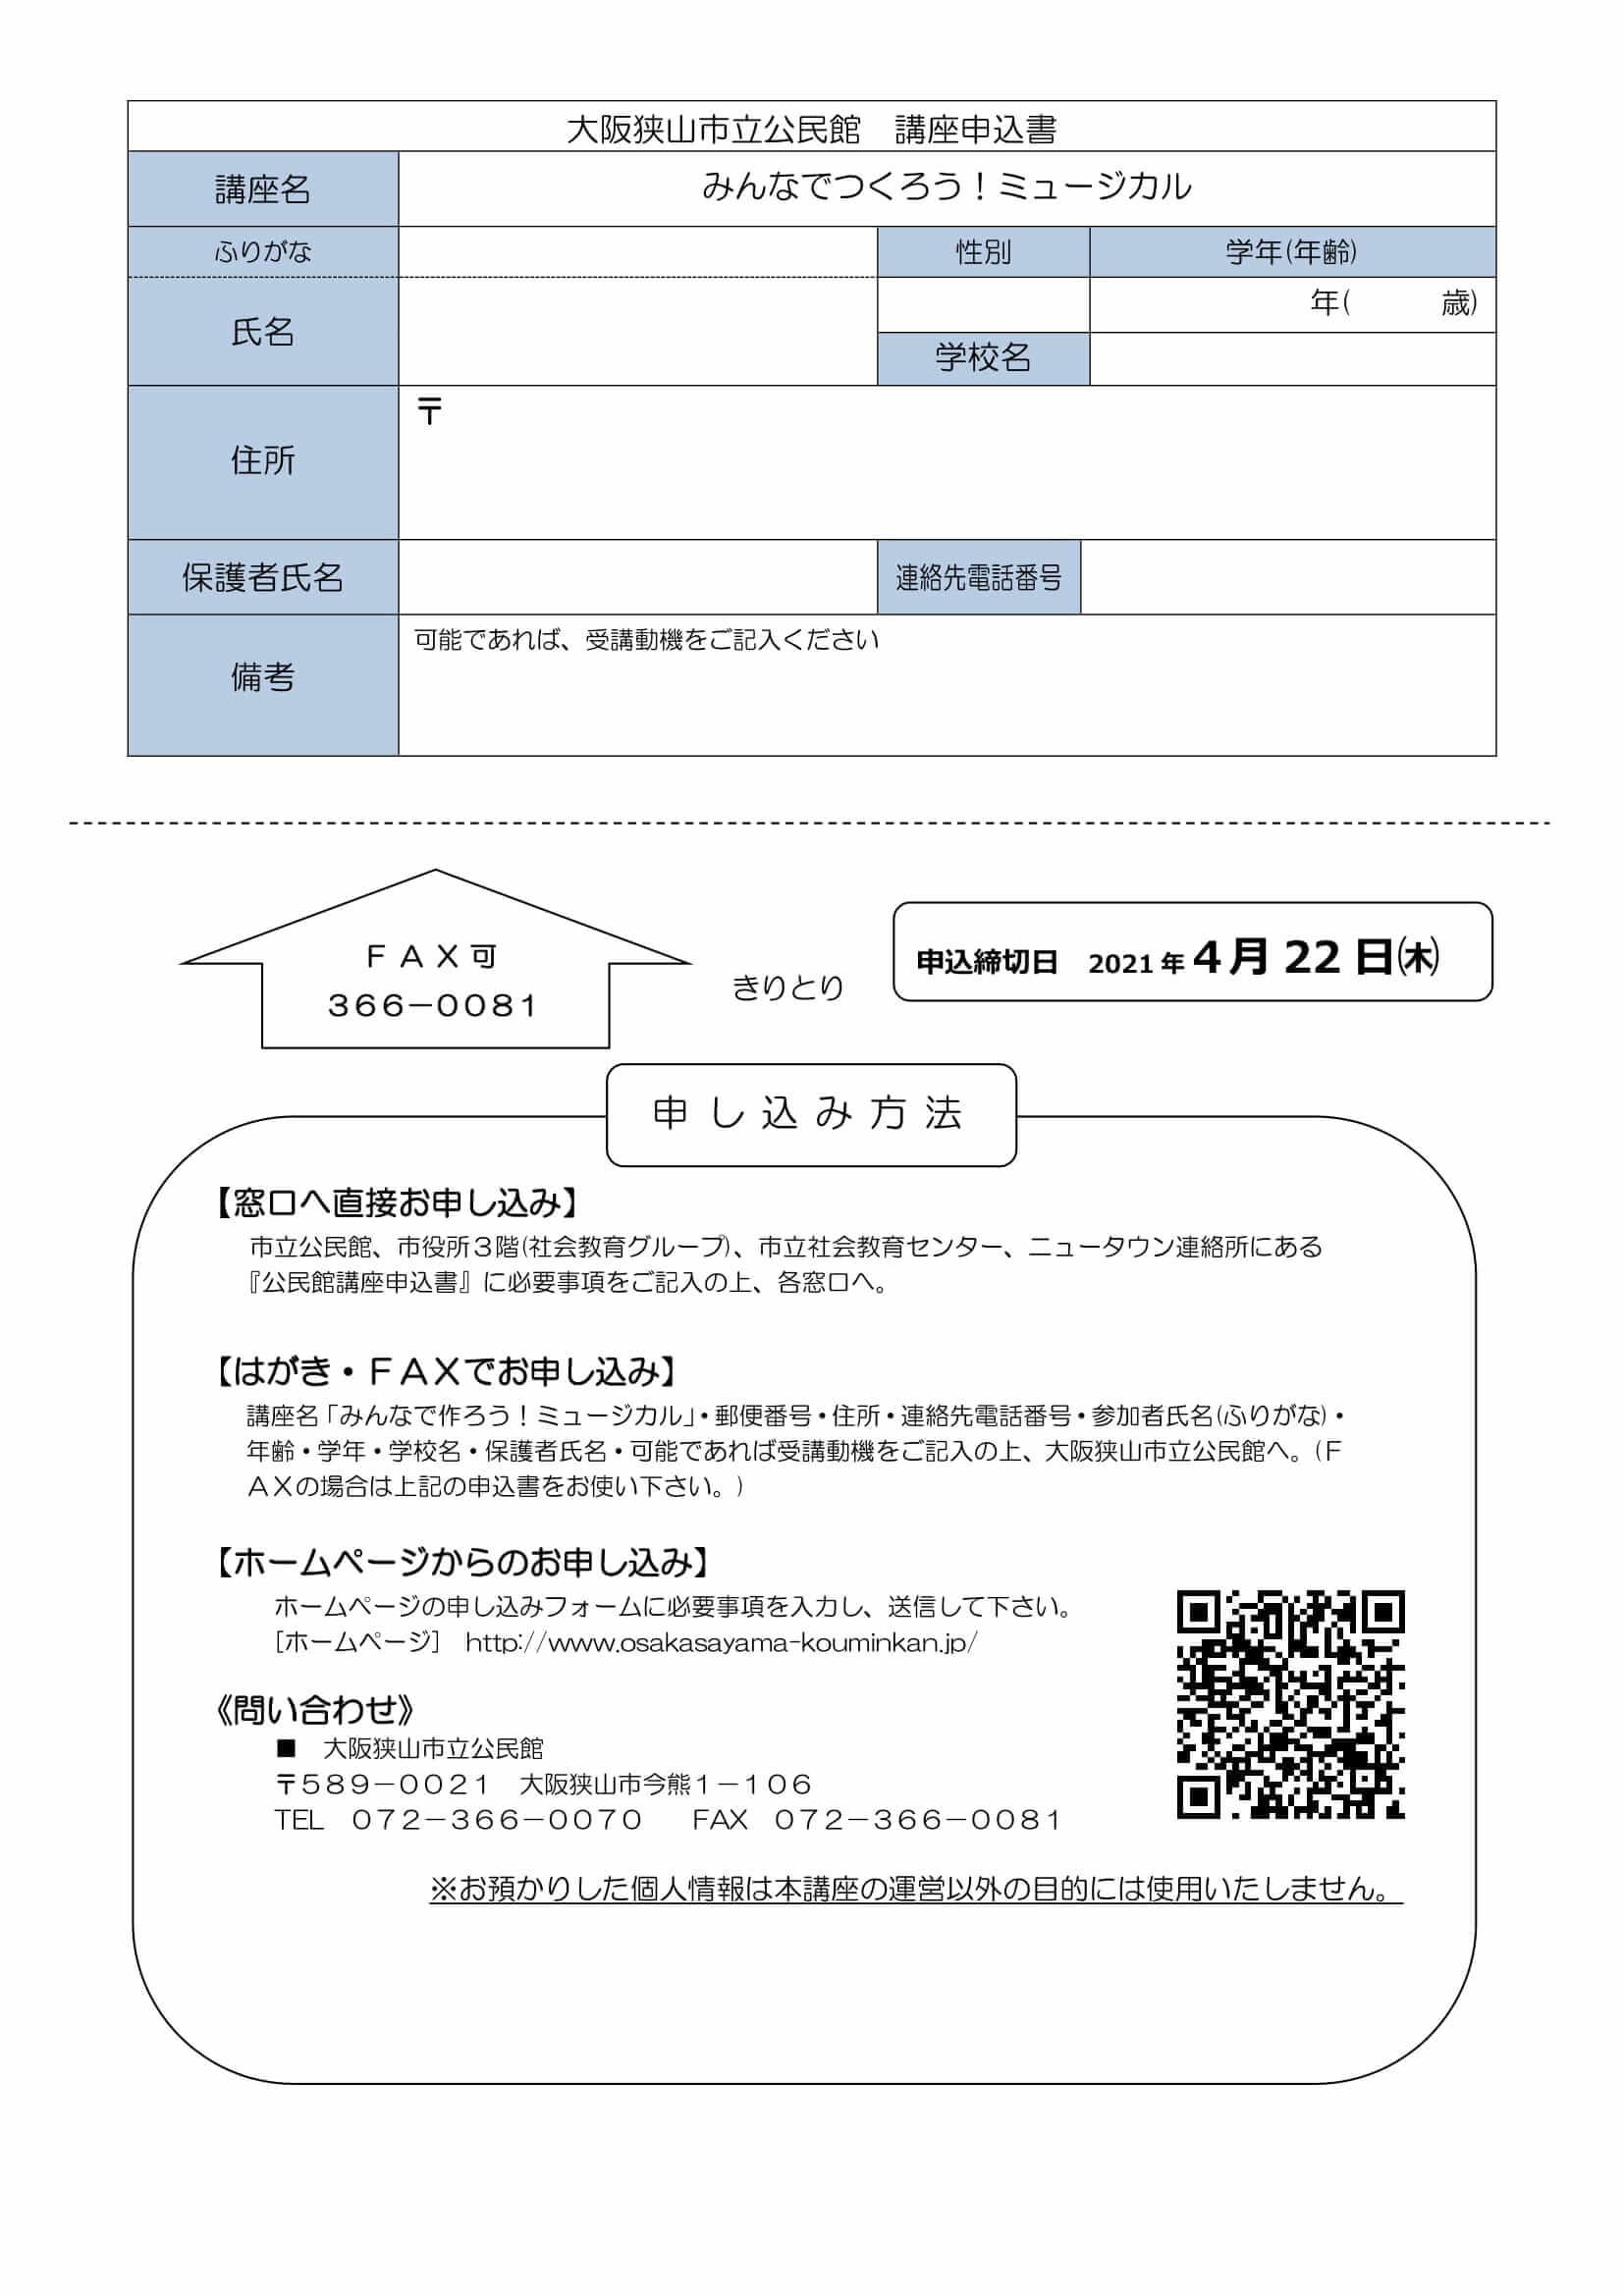 【申込締切2021年4月22日】一緒にミュージカルを作ろう!「みんなでつくろう!ミュージカル」が開催されます (2)